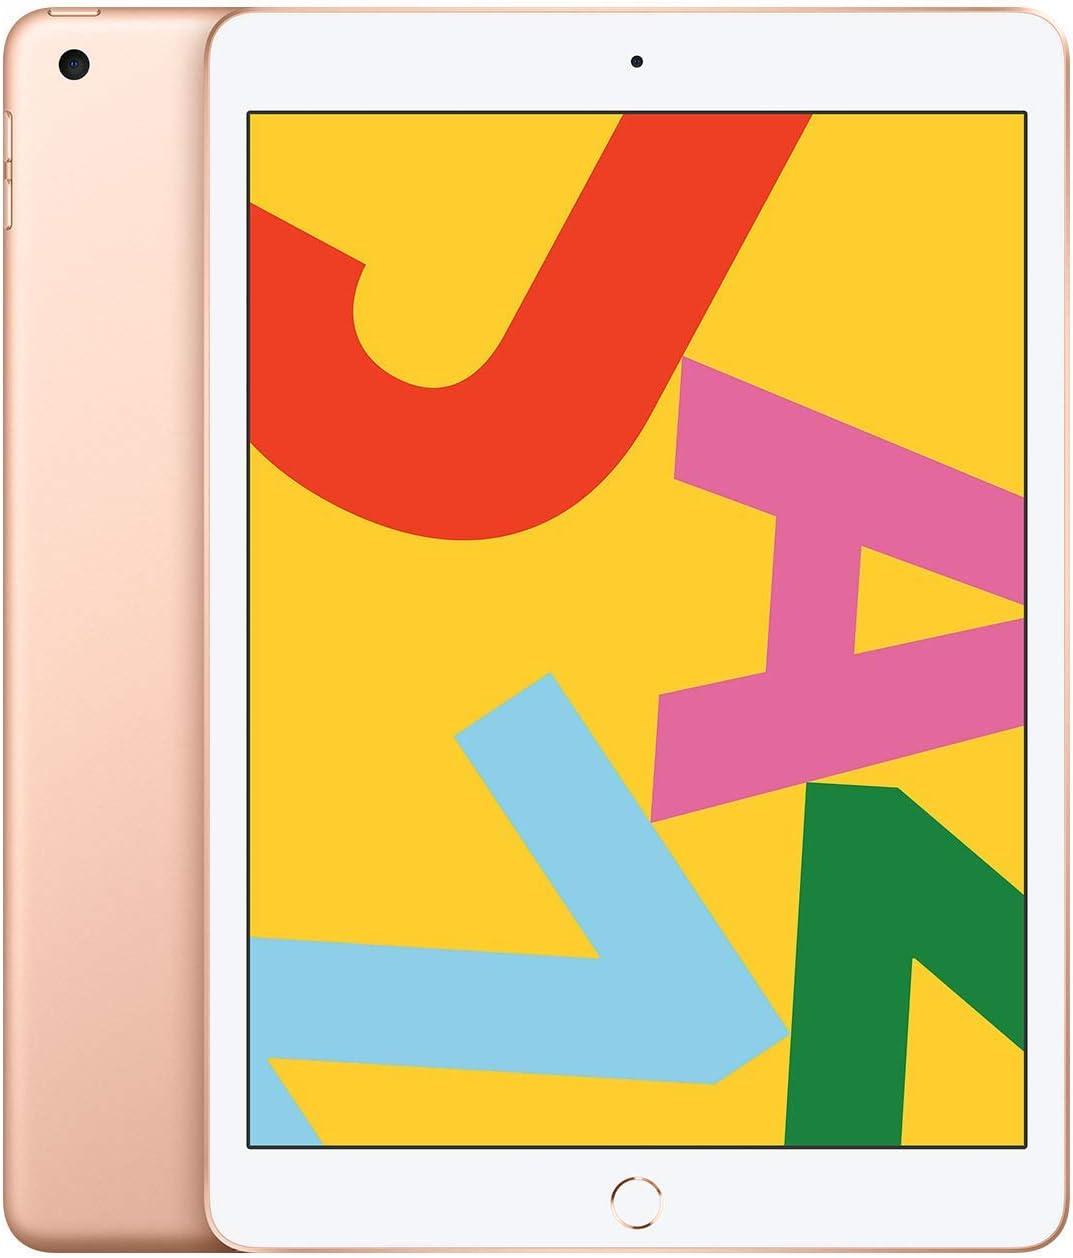 Apple iPad Late 2019, 10.2-Inch, Wi-Fi, 32GB Gold (Renewed)